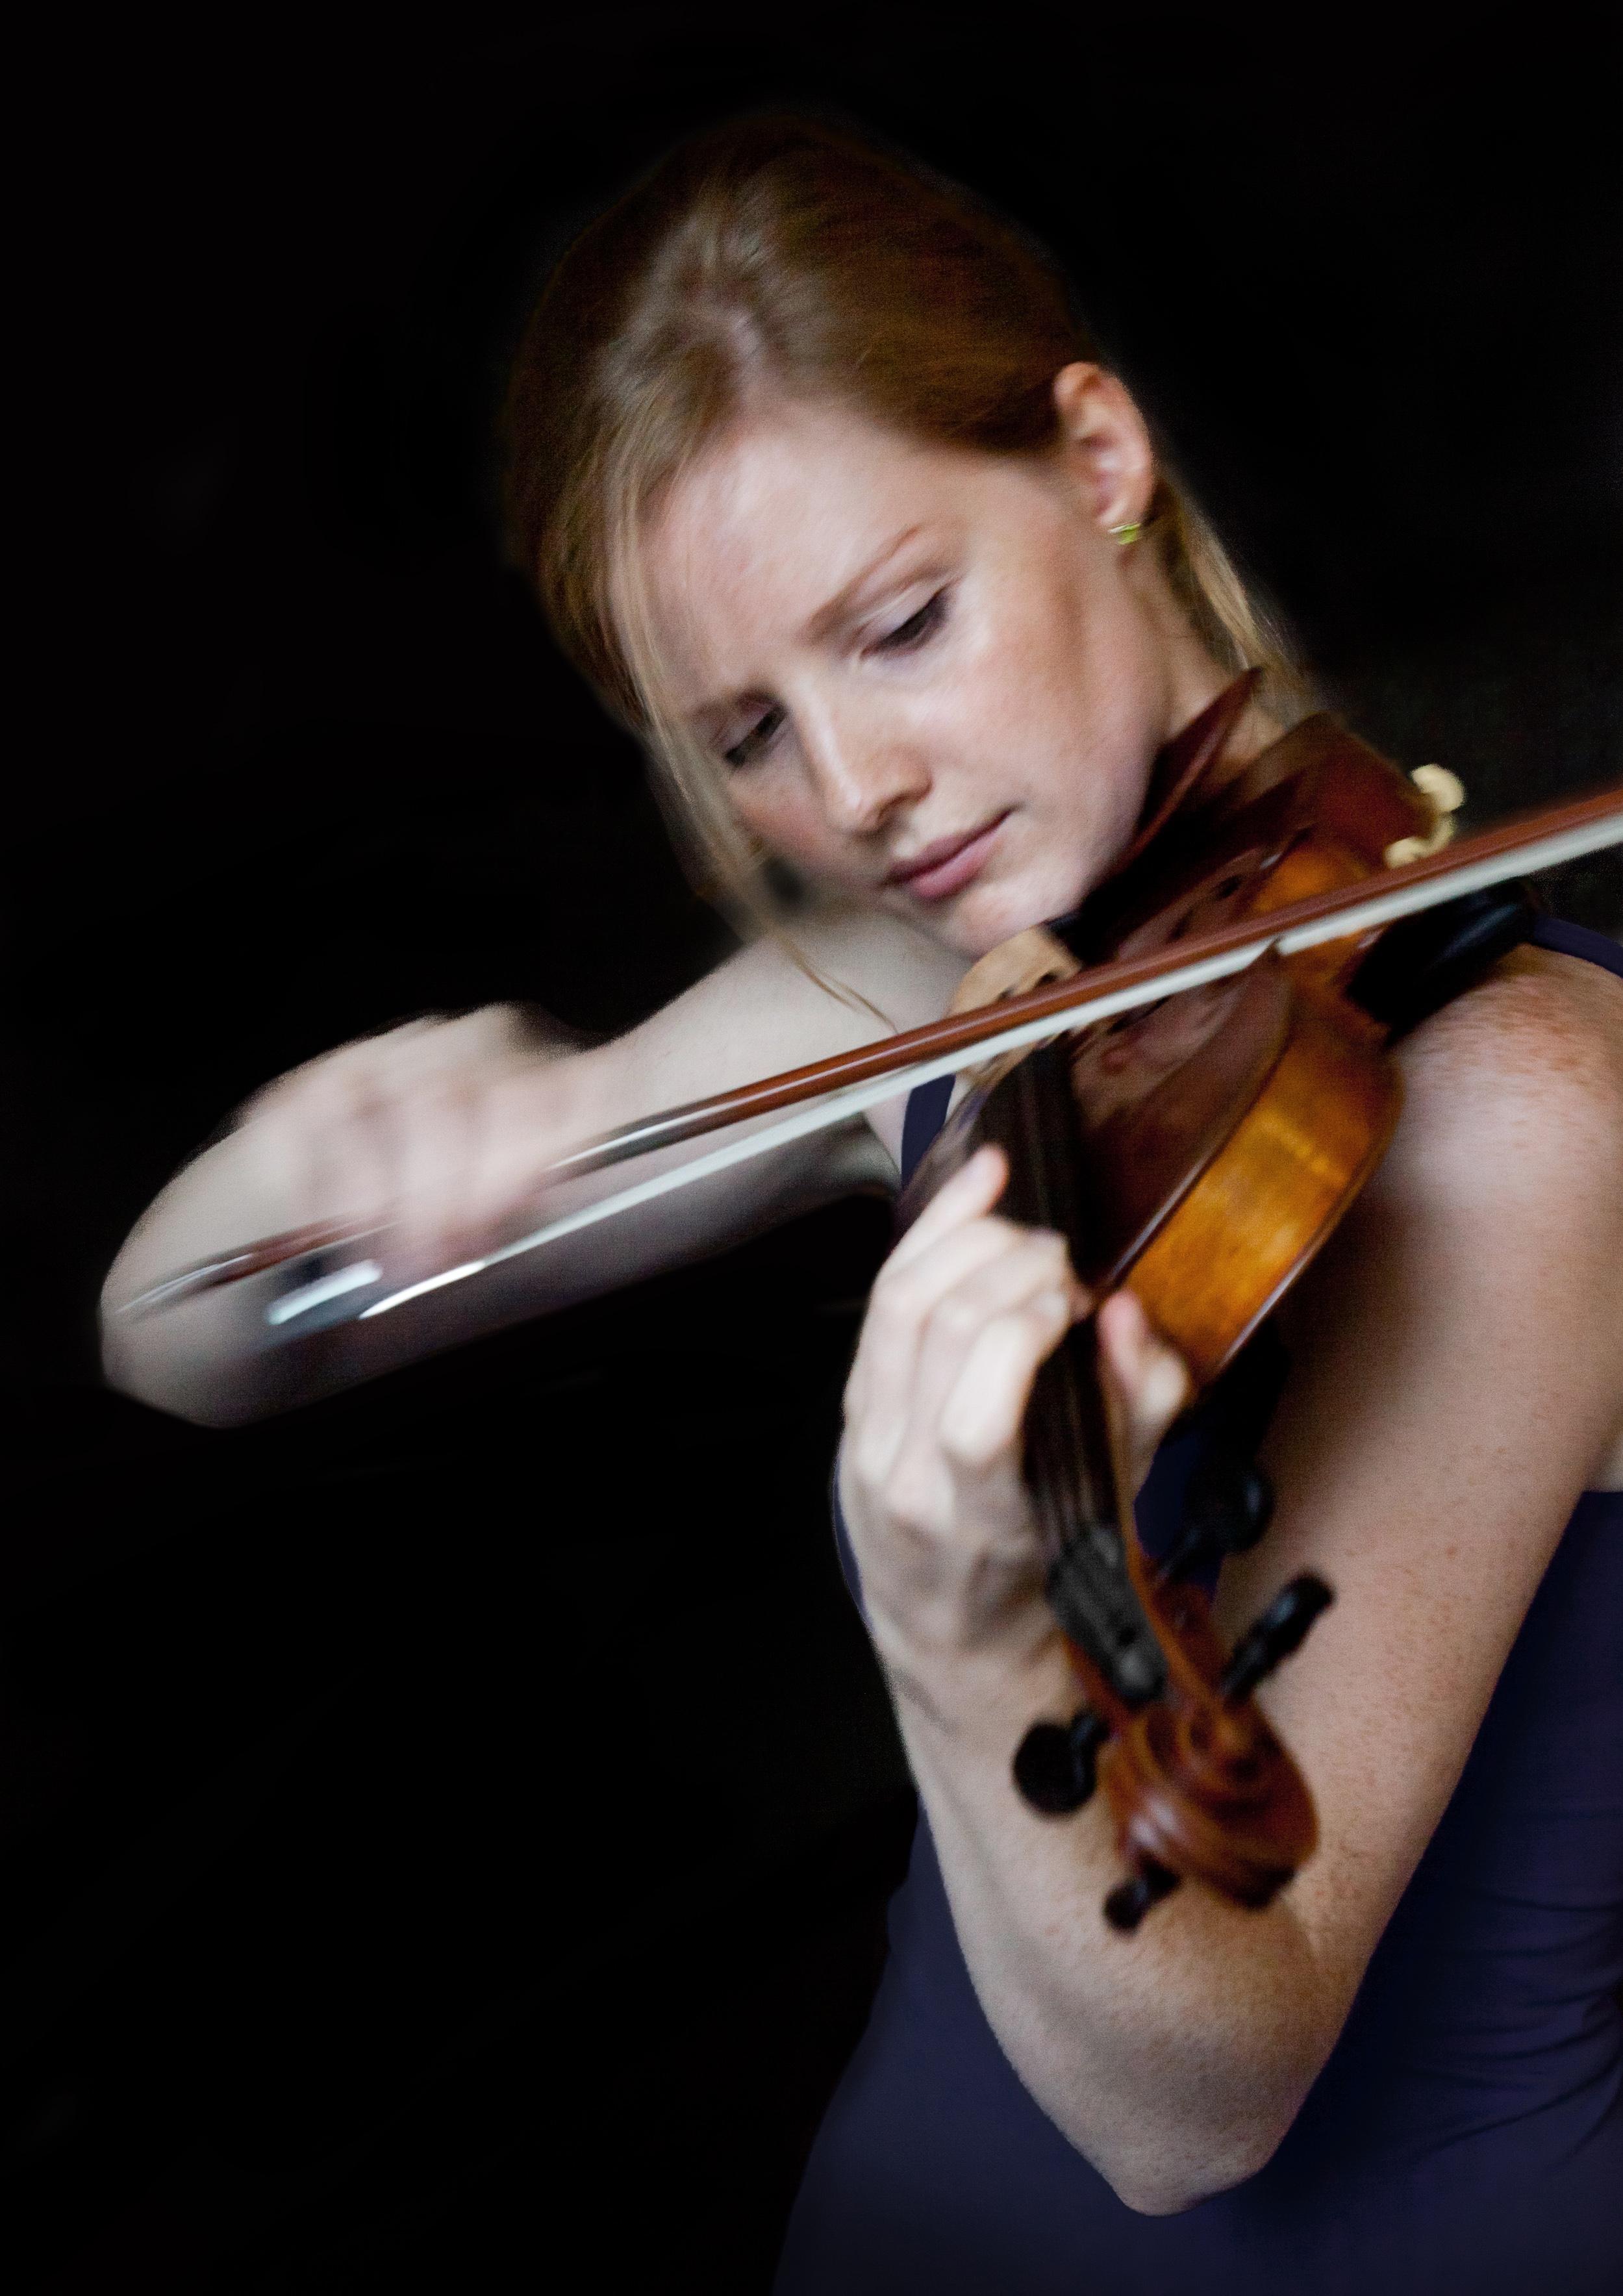 Tosca Opdam - Courtesy of Maarten Schuth